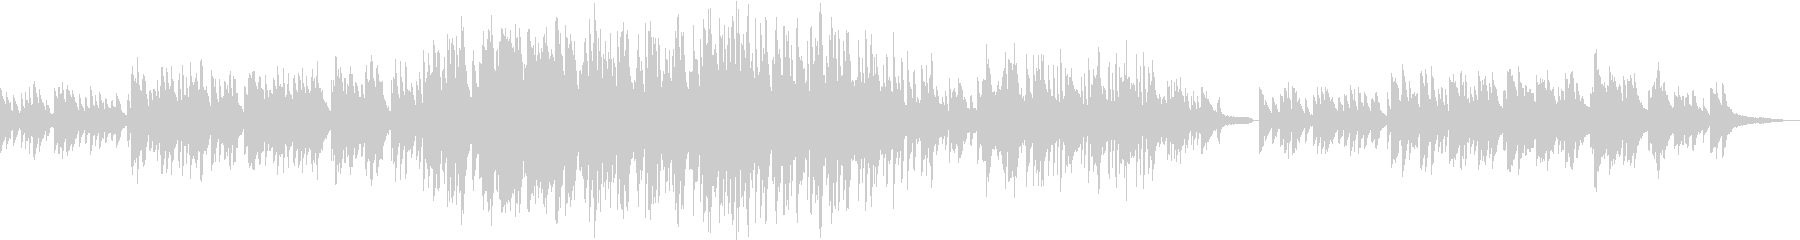 叙情的なピアノバラードの未再生の波形